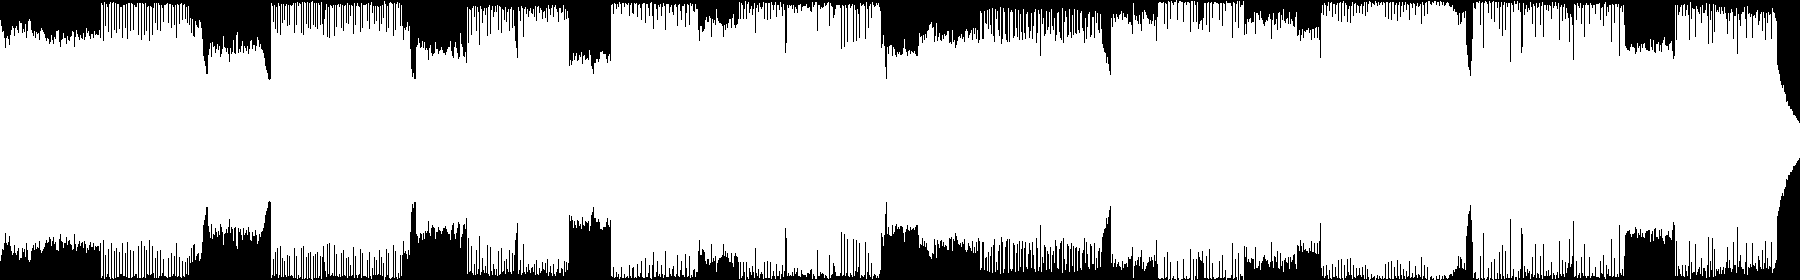 Retrotronica 2 audio waveform